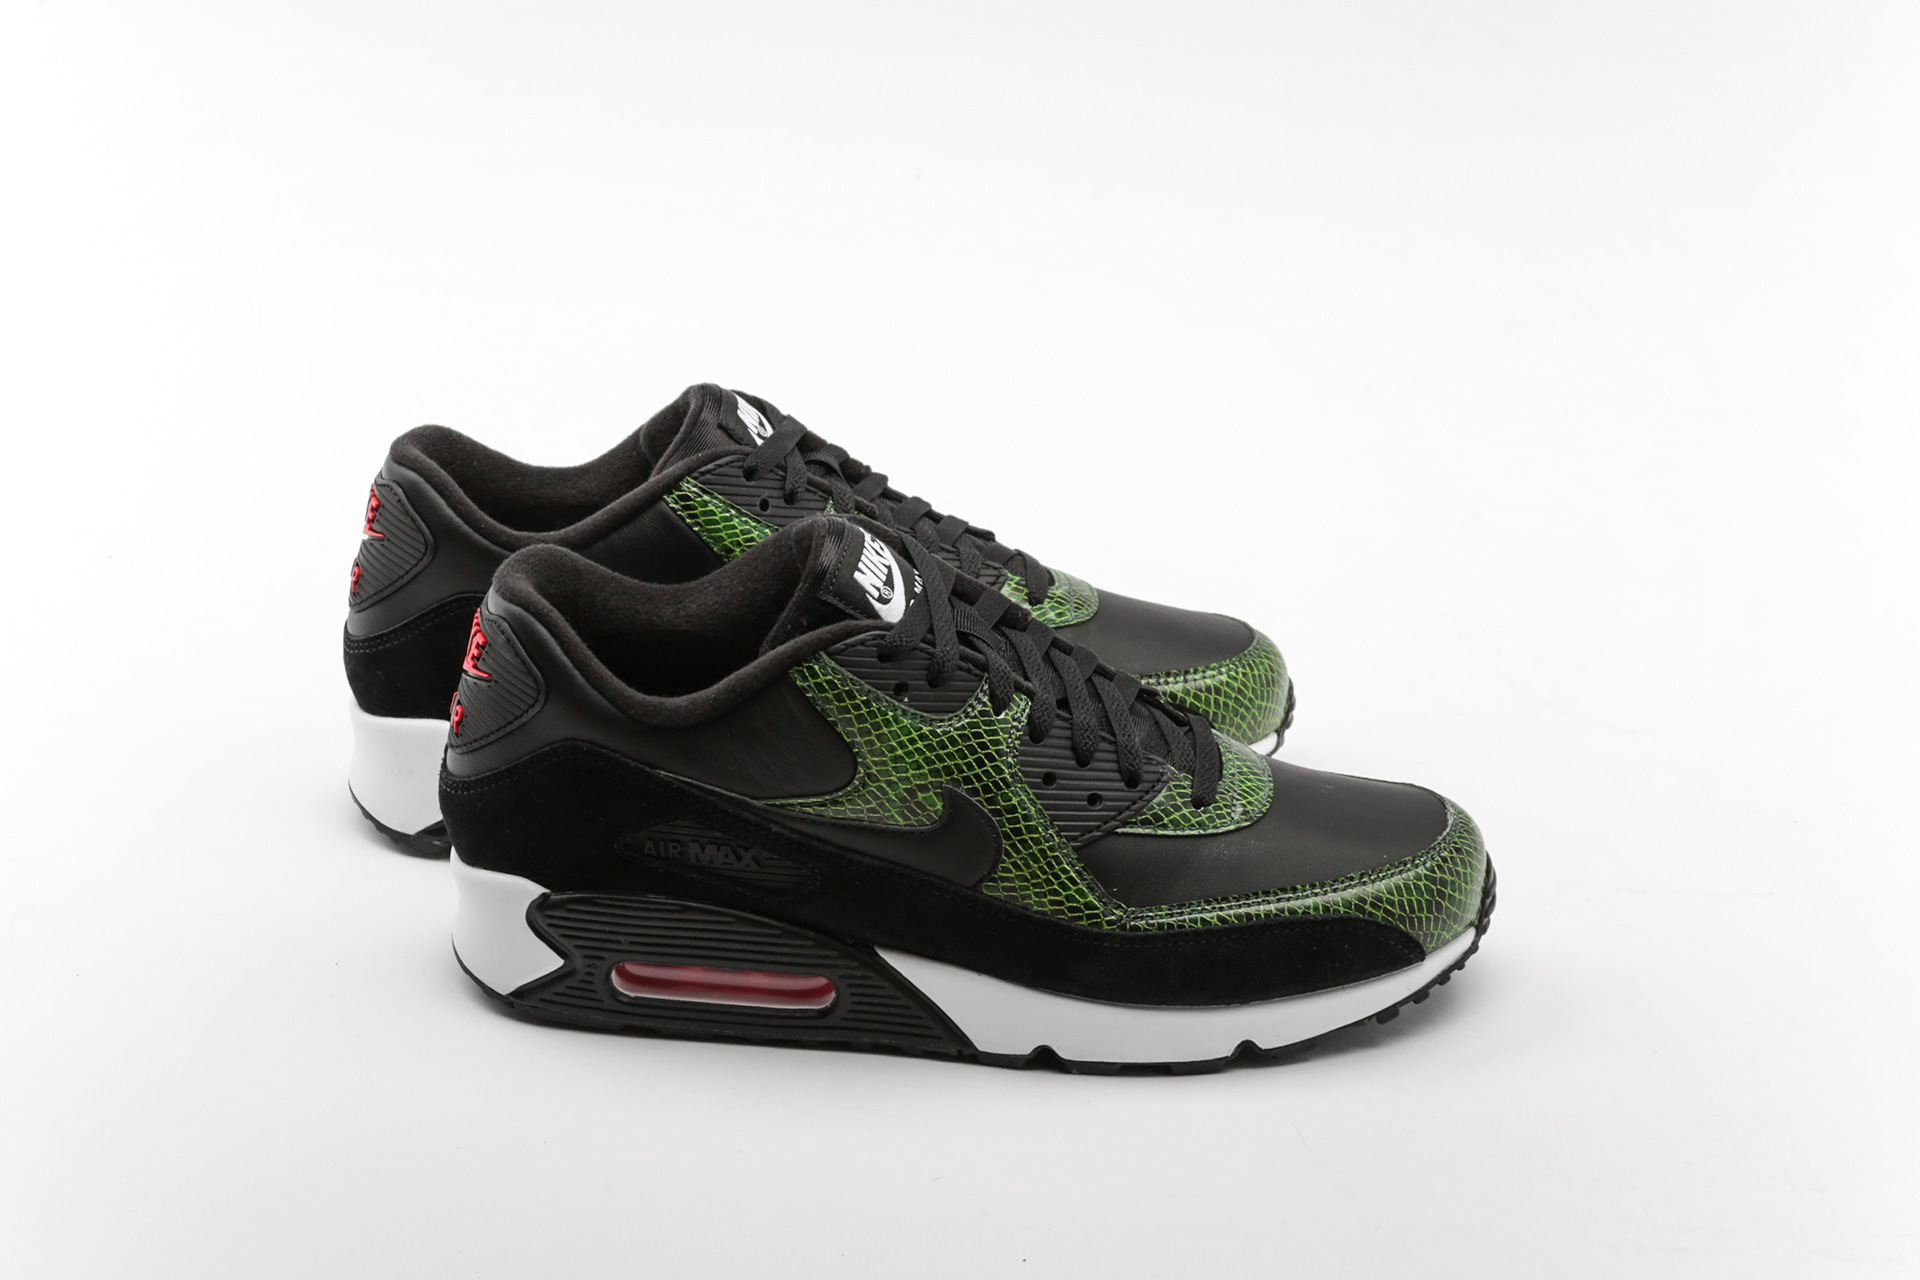 354b145b Купить товары Nike (Найк) по цене от 250 рублей с доставкой по Москве и  России в интернет-магазине Sneakerhead